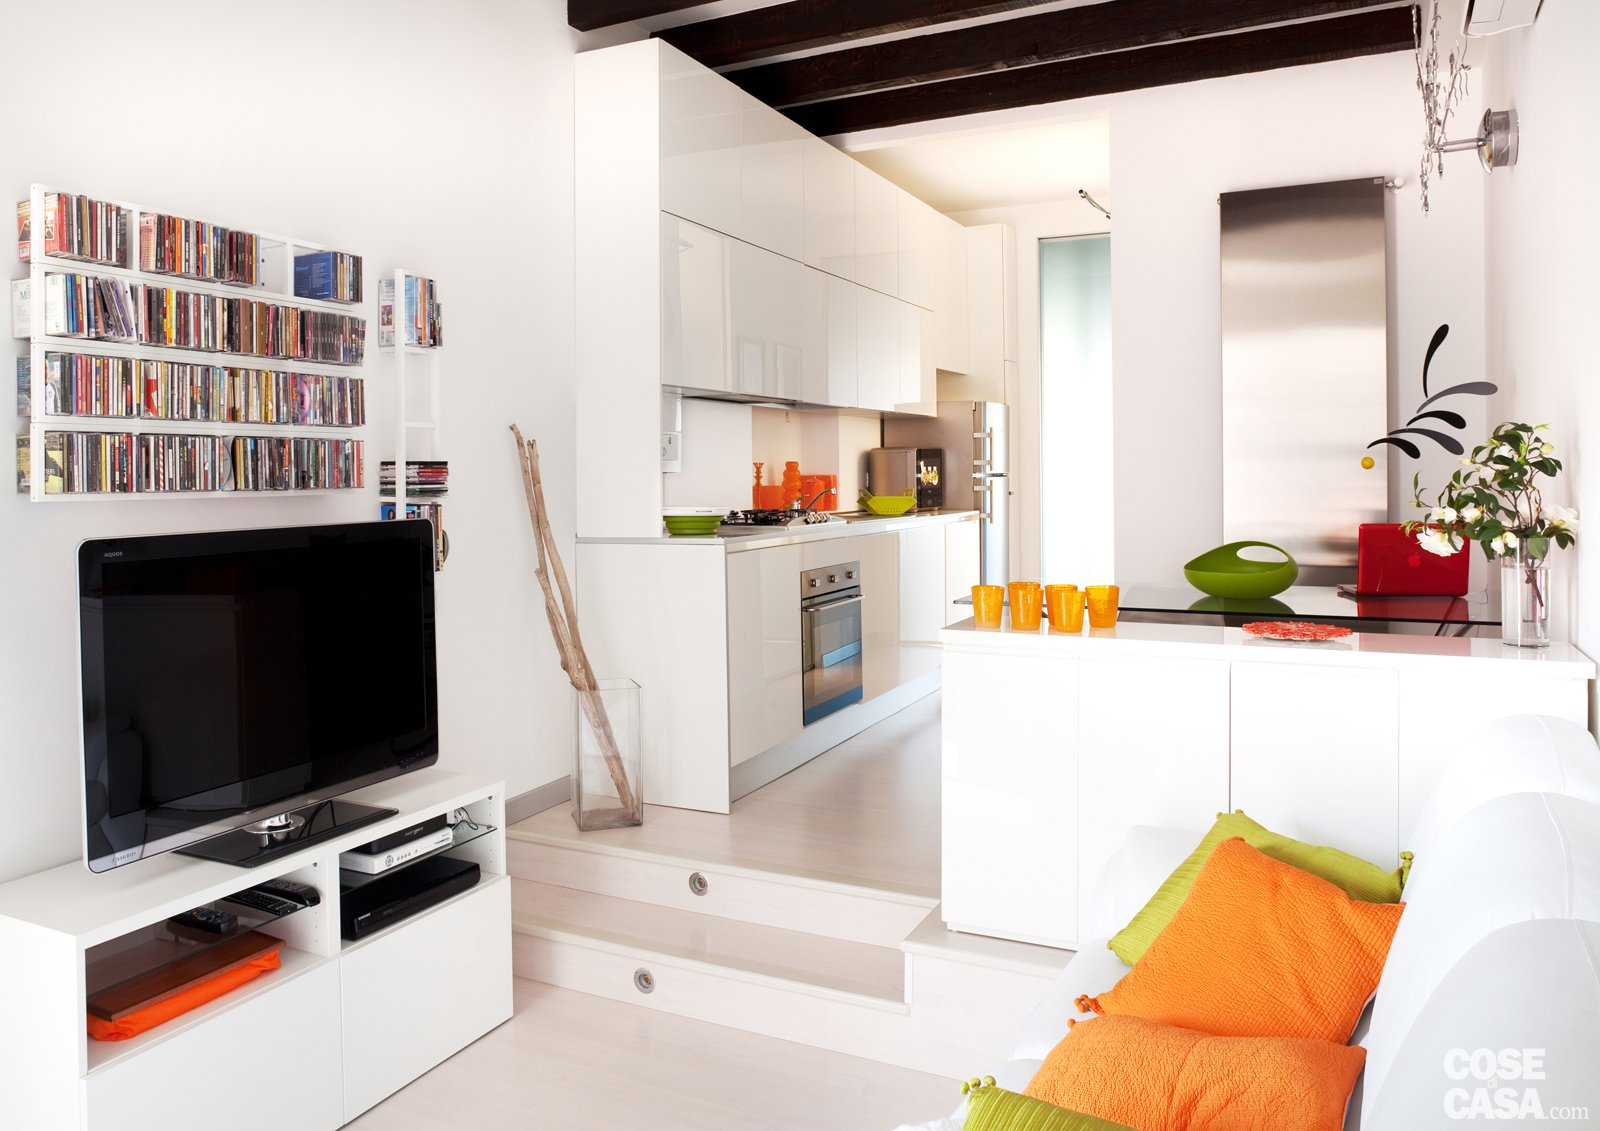 Una casa di 35 mq sfruttati al massimo cose di casa for Piani di casa rustici con soppalco